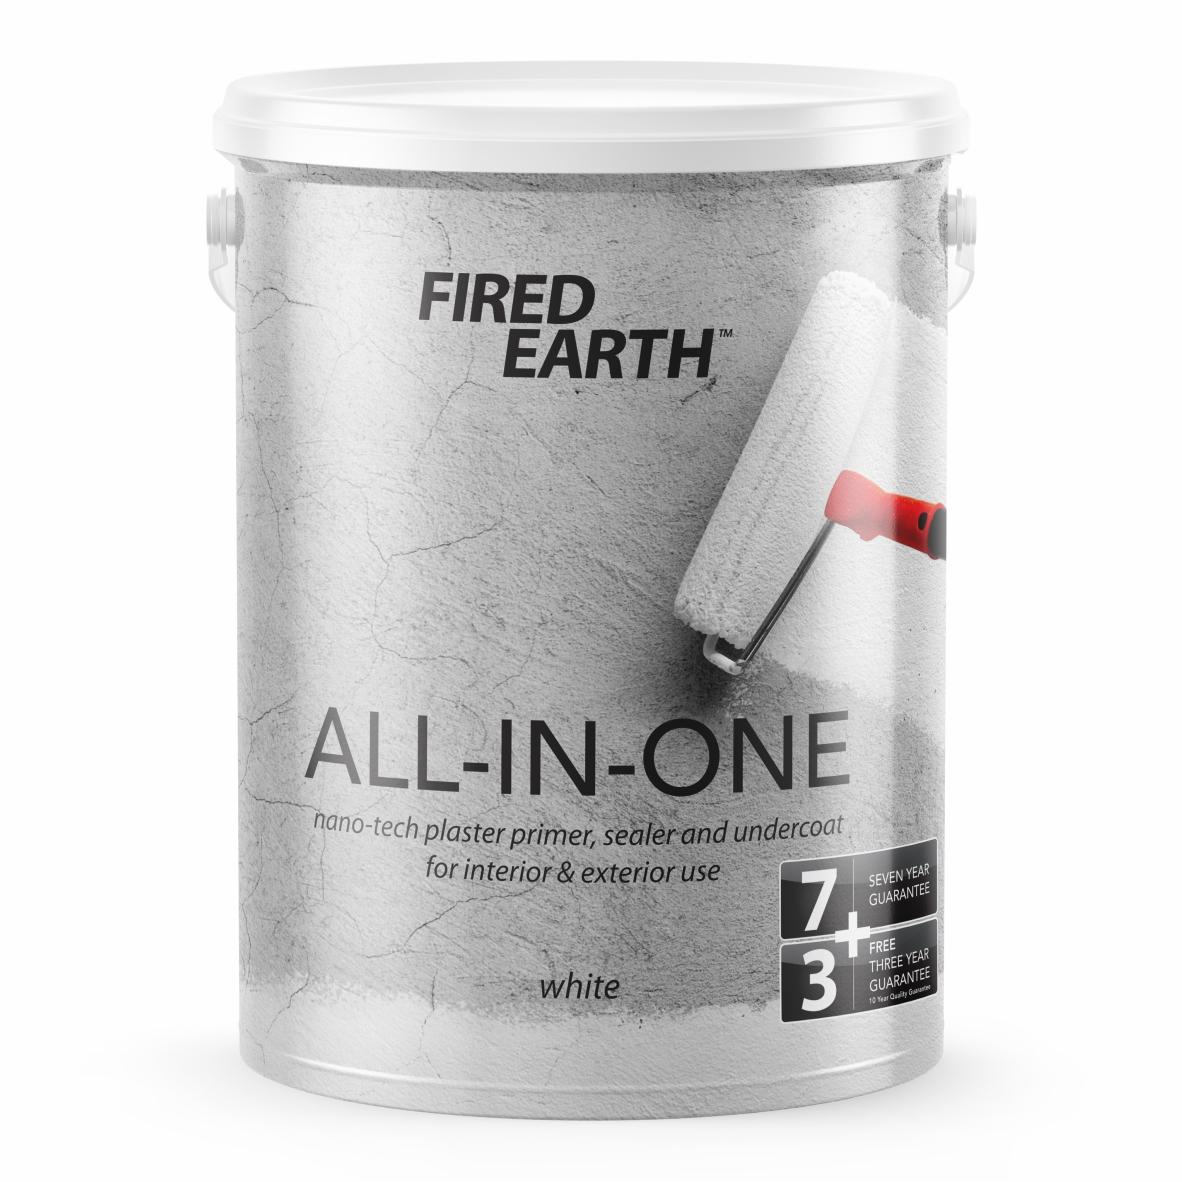 FE All-in-one.jpg